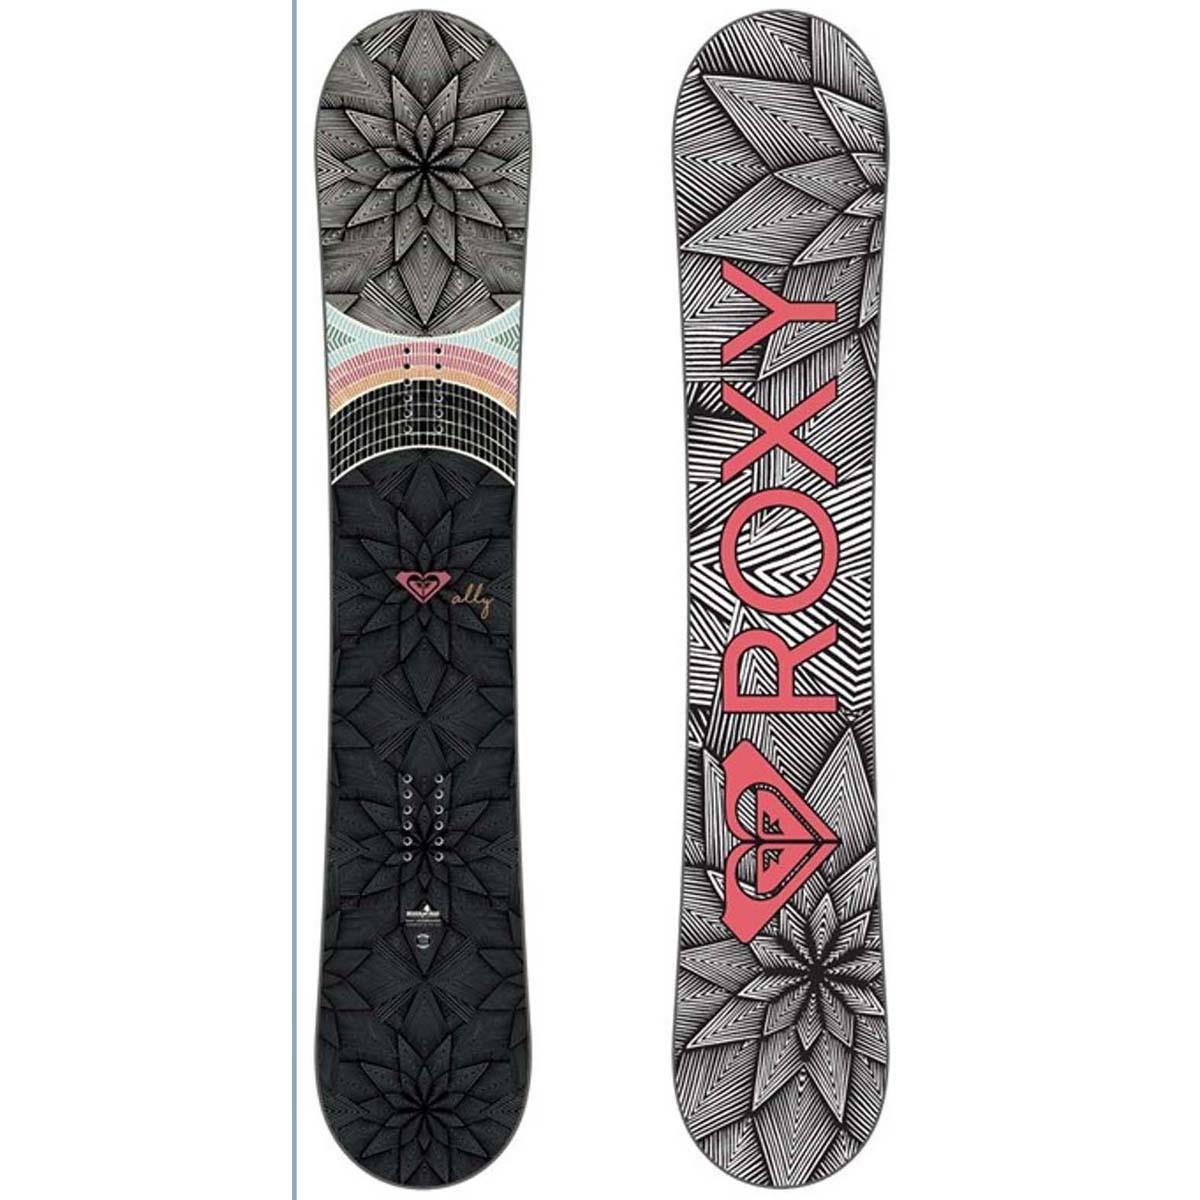 273b93b09805 Roxy Ally Banana Snowboard Womens. Loading zoom